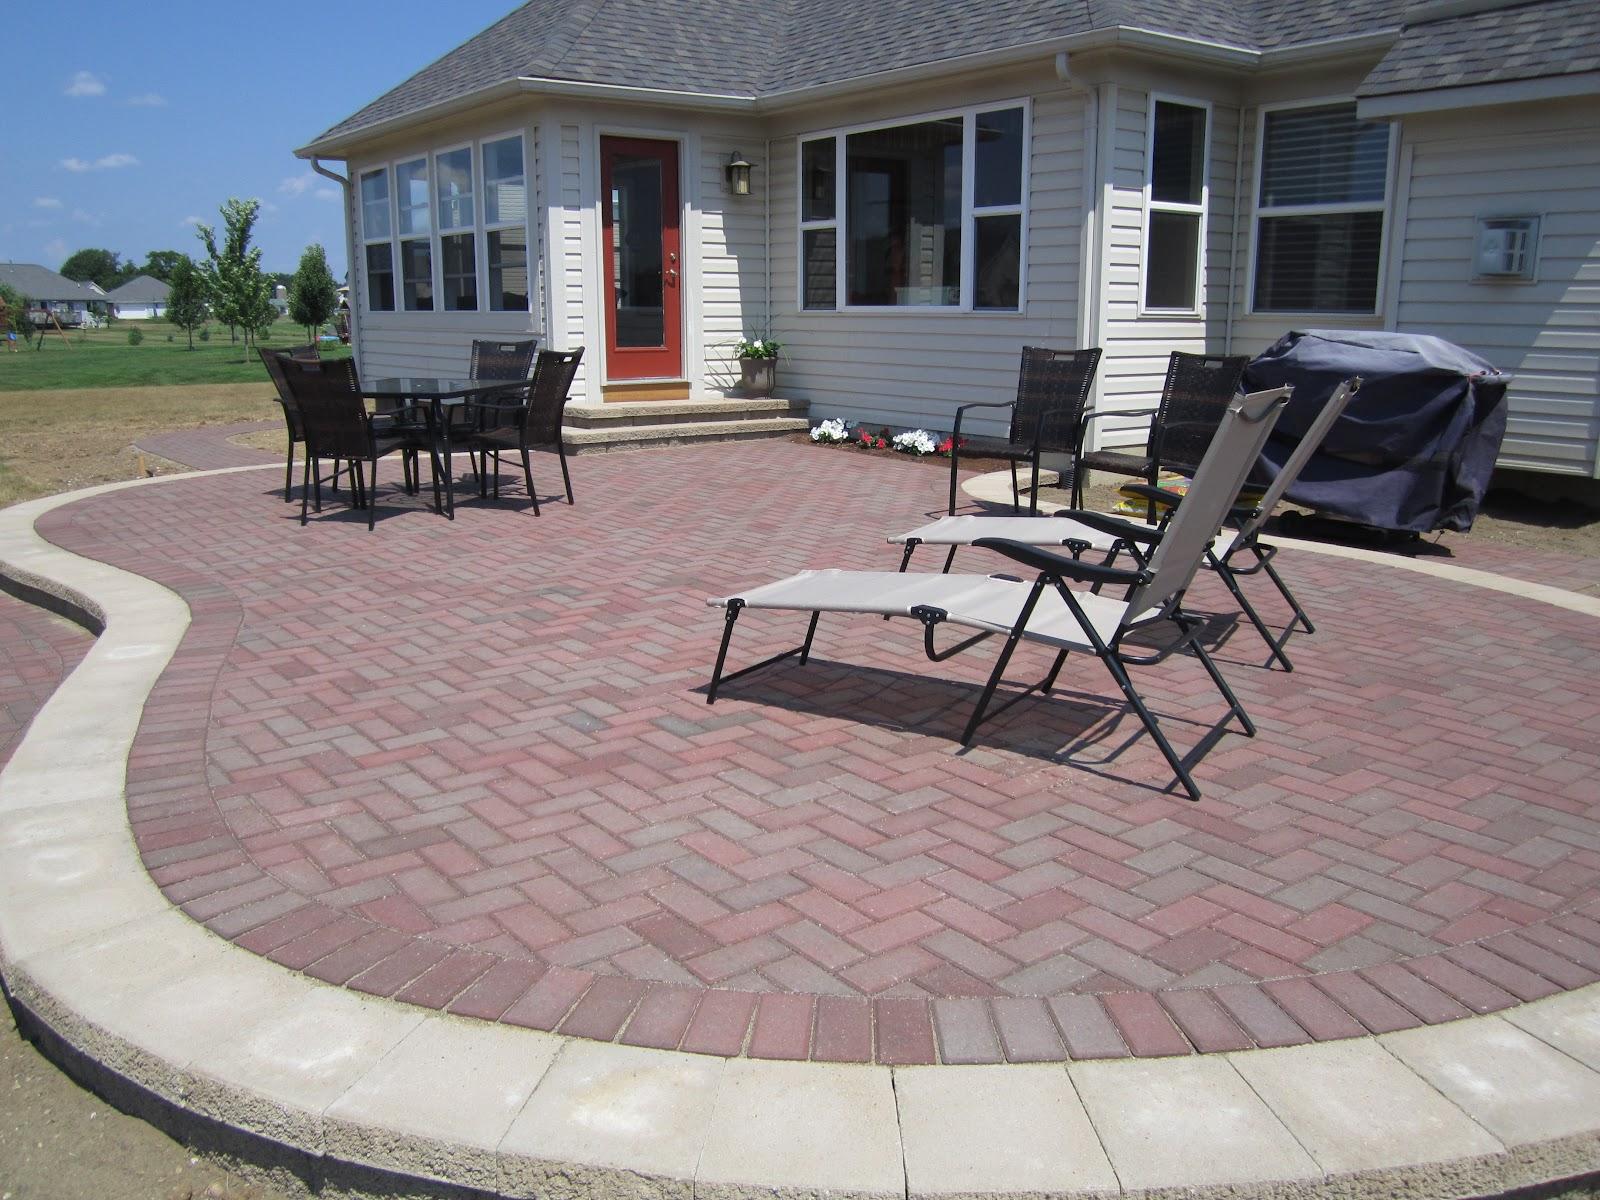 Brick Pavers,Canton,Ann Arbor,Plymouth,Patio,Patios,Repair ... on Brick Paver Patio Designs  id=45300